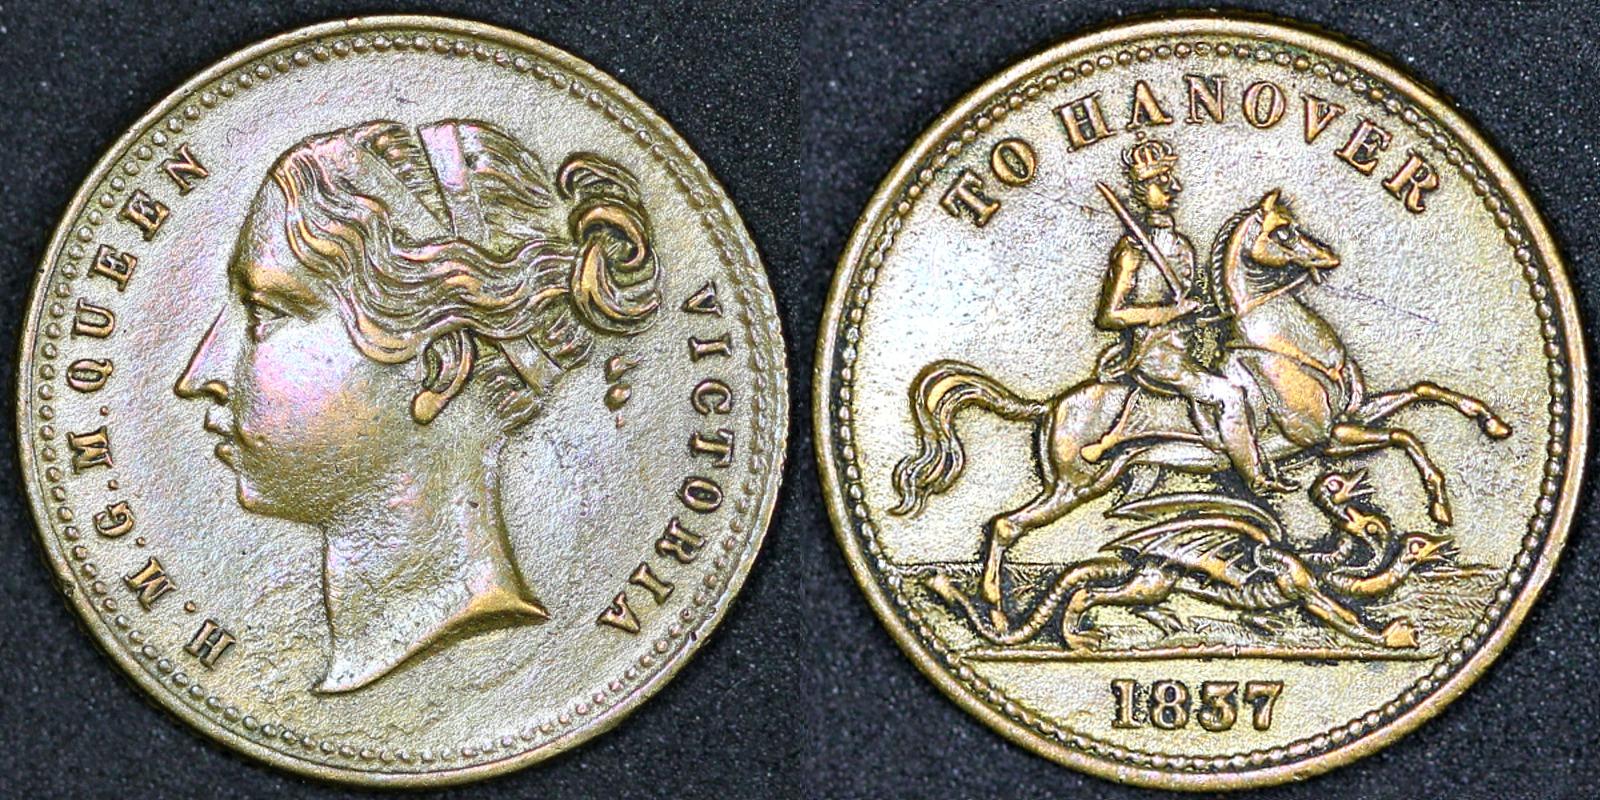 1837_to_hanover_token_02_1600